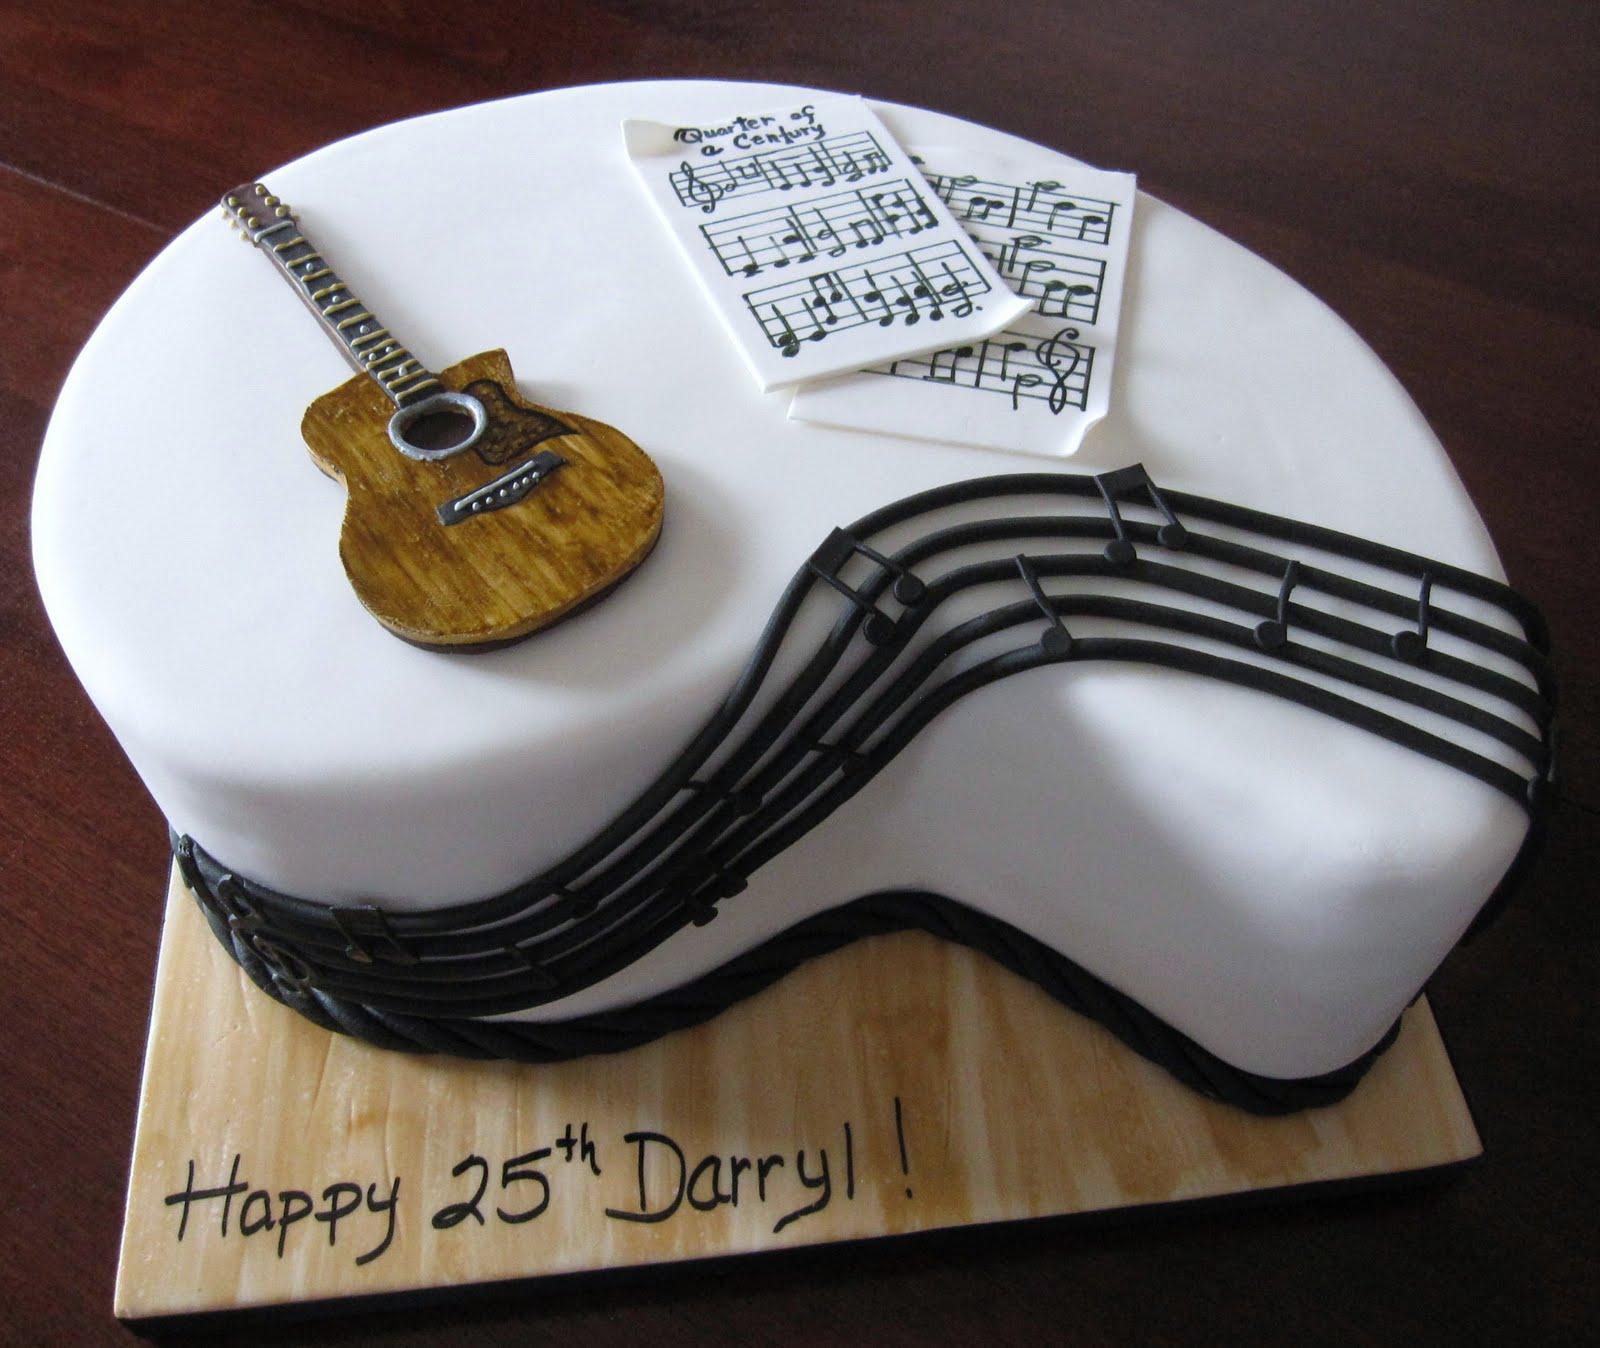 Happy Birthday With Guitar Matt Cake